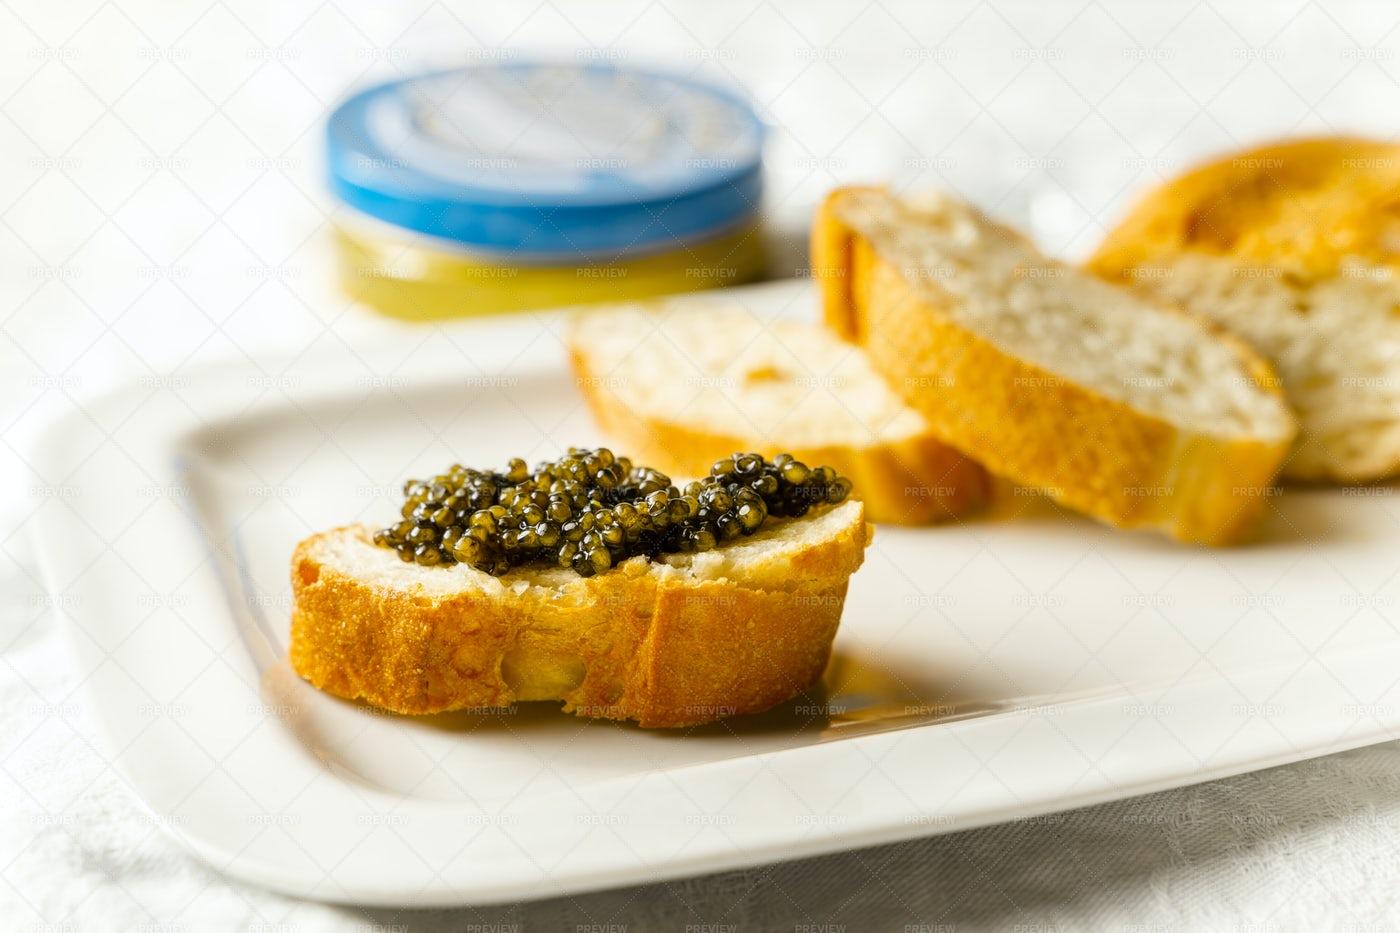 Black Caviar On Toast: Stock Photos